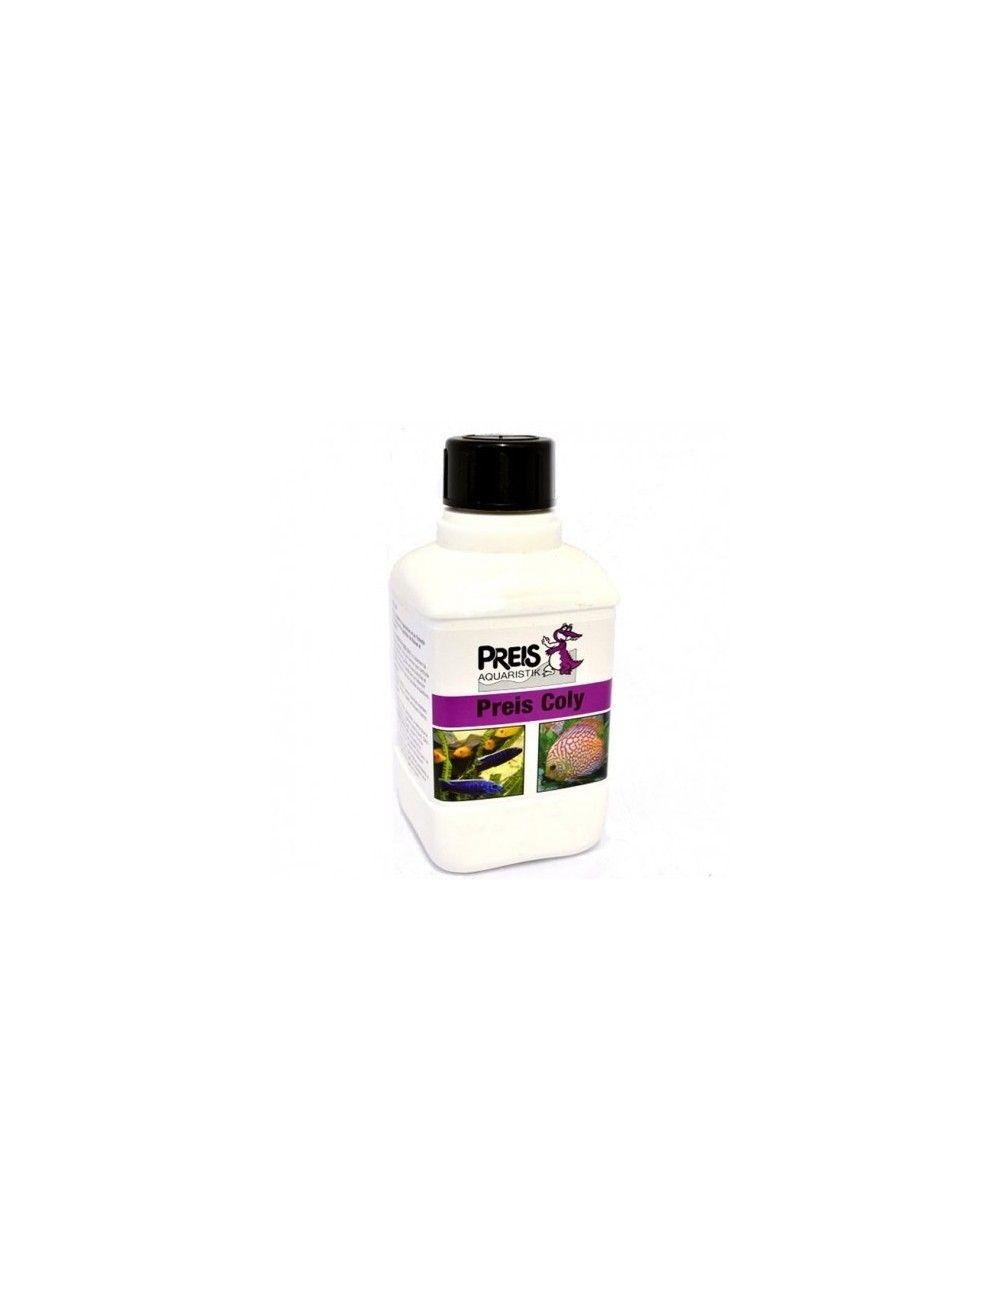 PREIS - Coly - 250ml - Lutte contre les parasites branchiaux et intestinaux